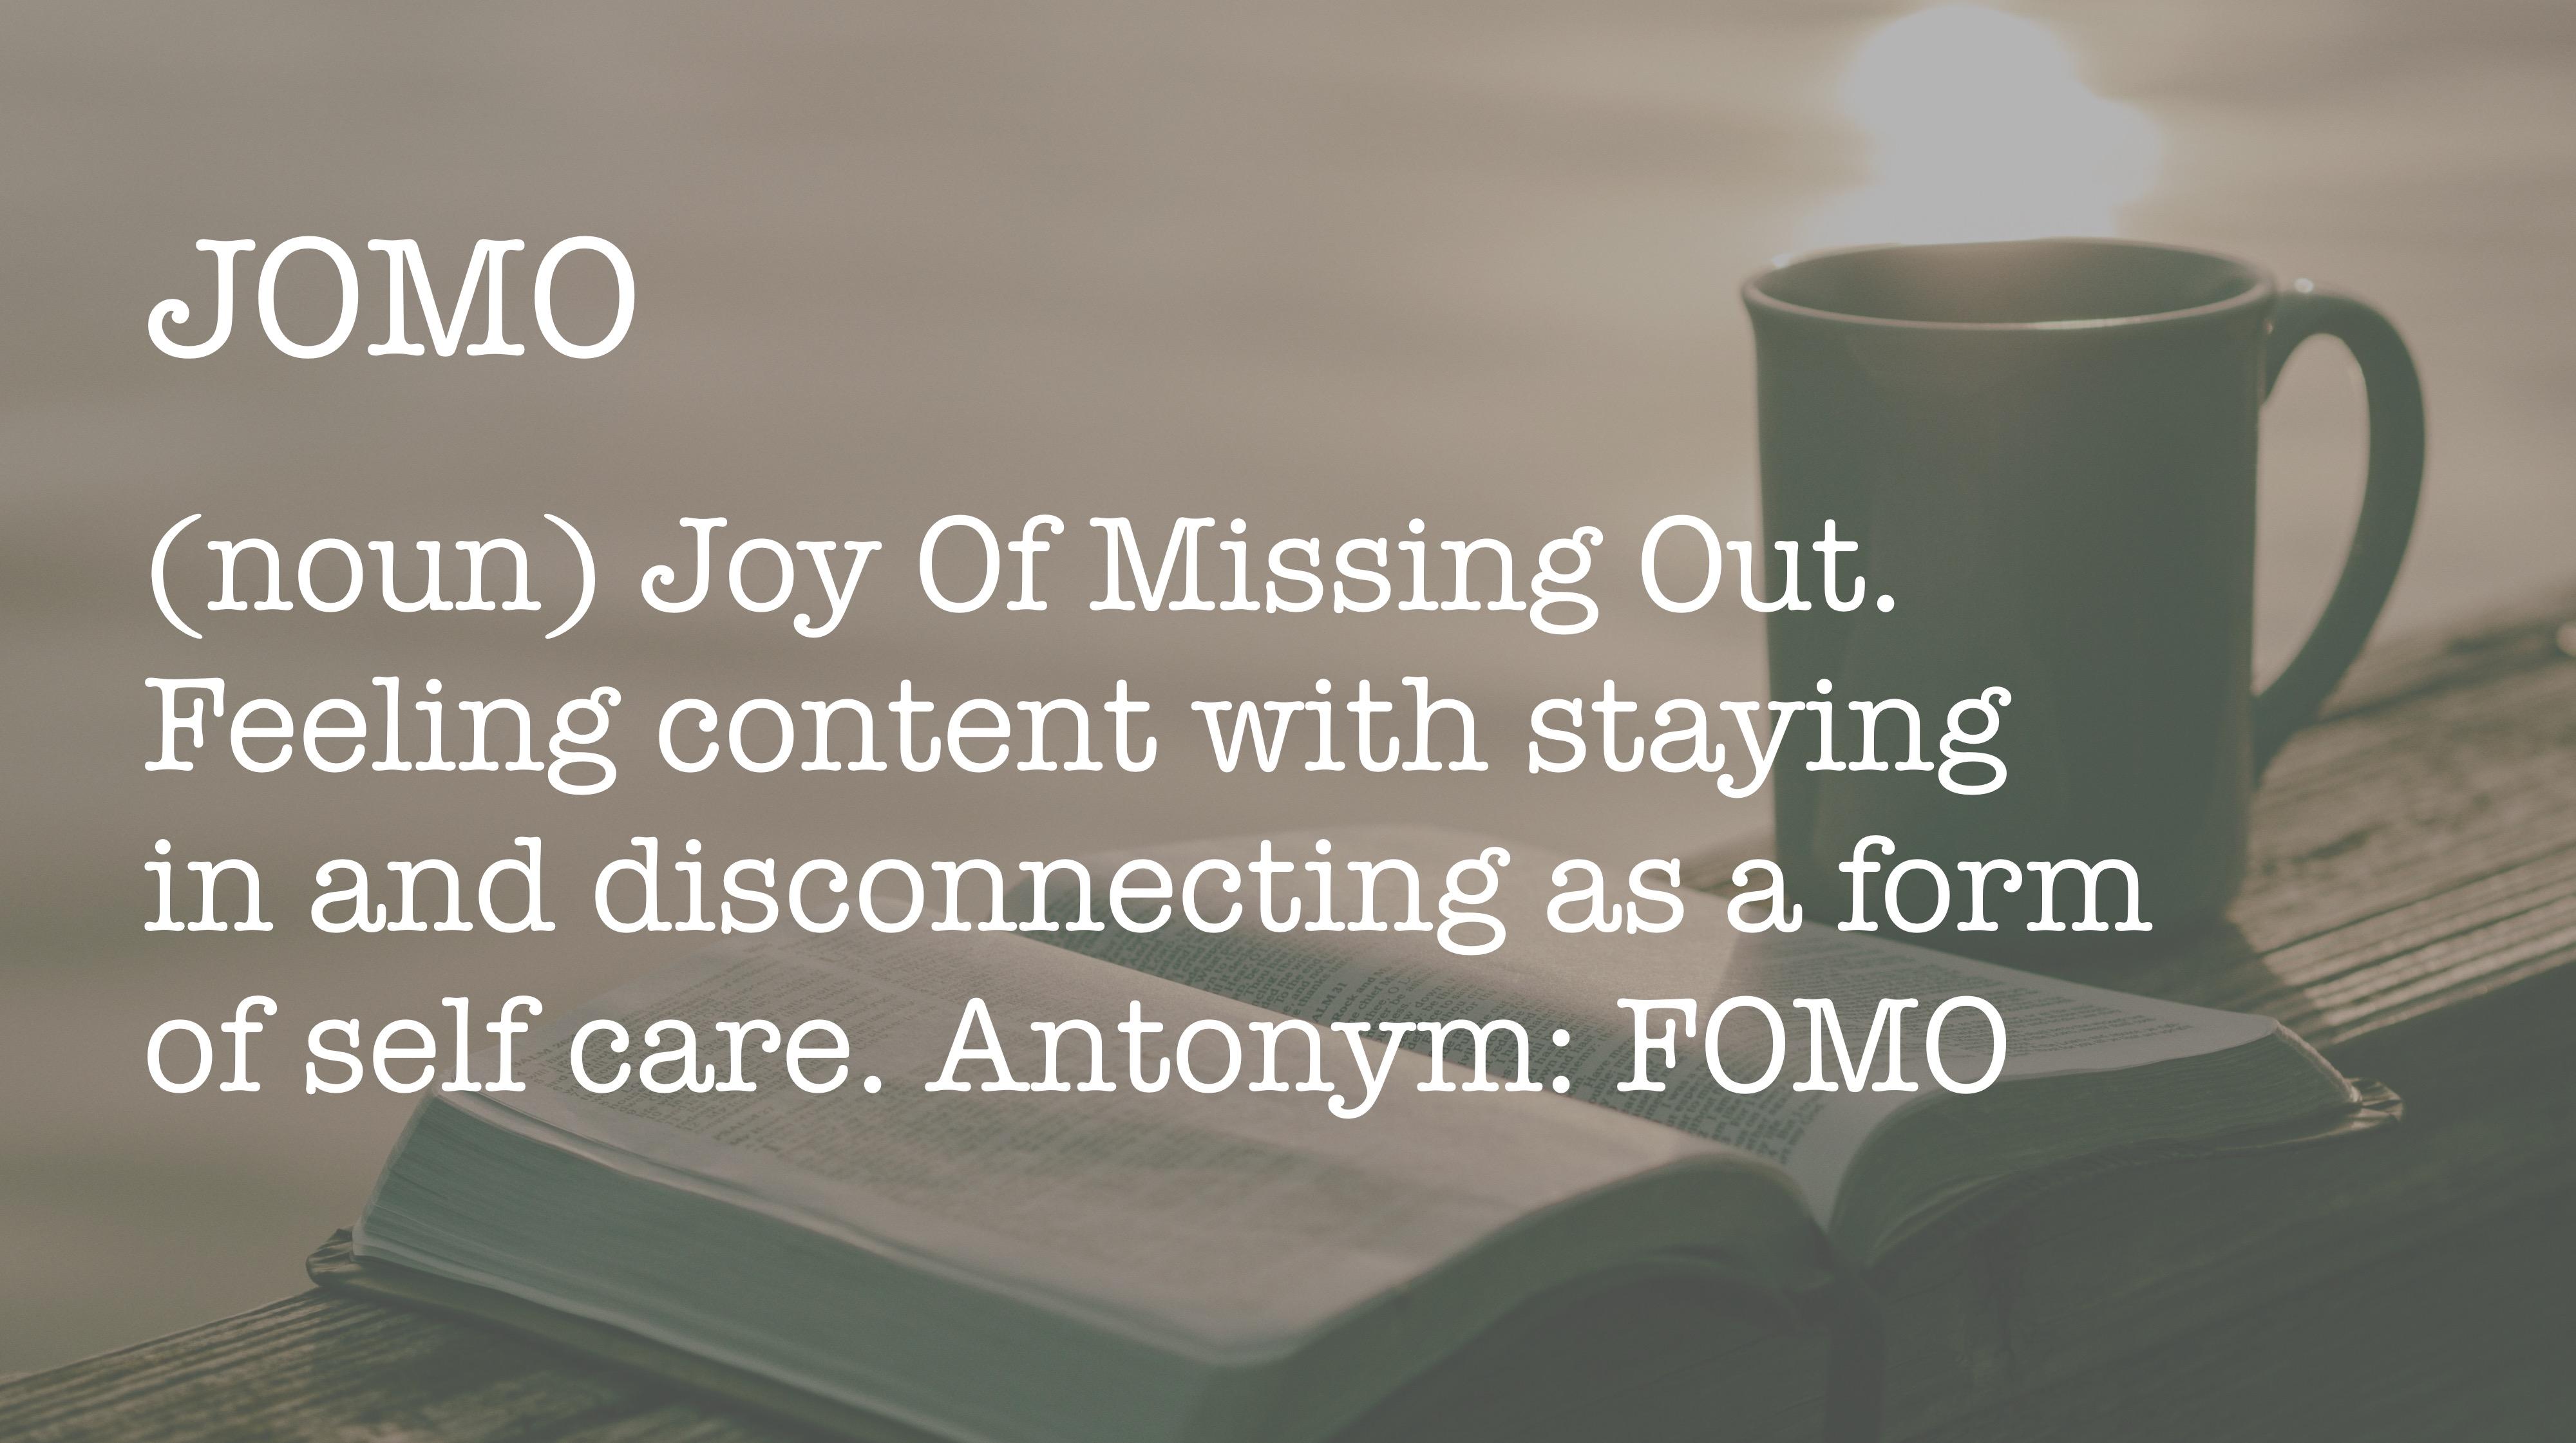 FOMO into JOMO